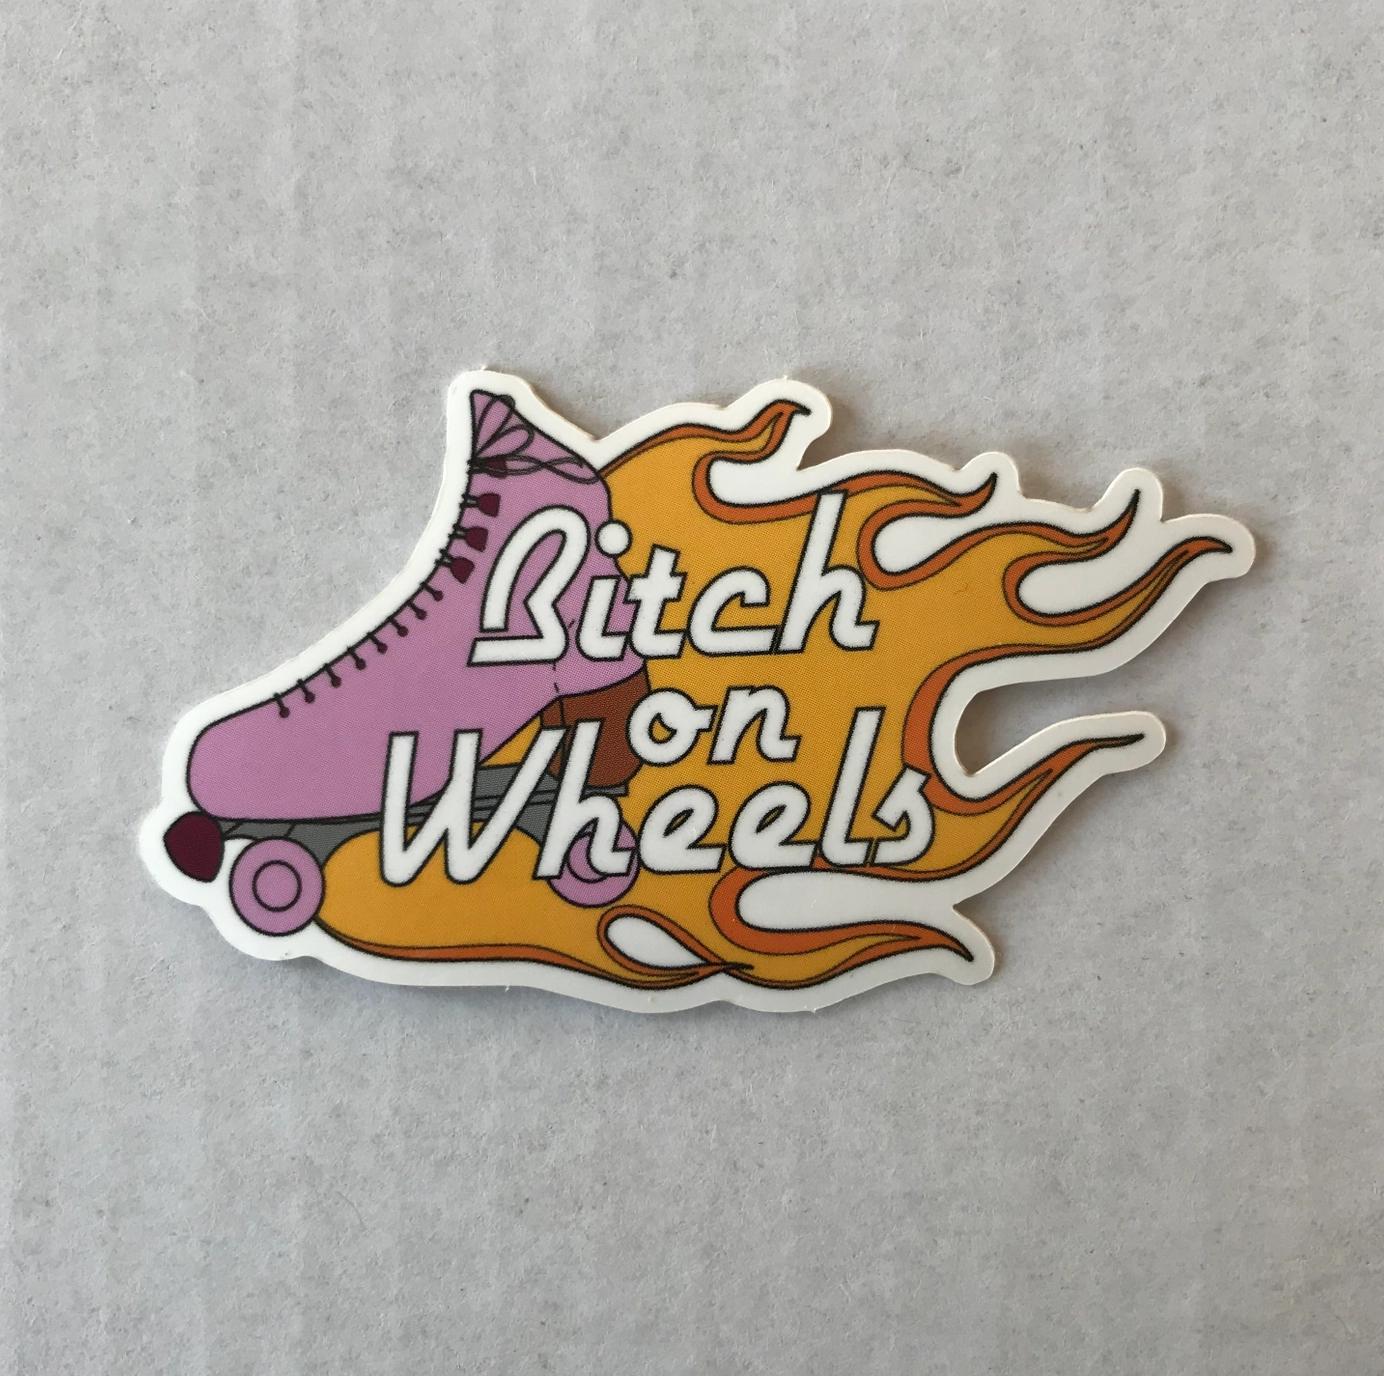 Jini and Tonic Bitch on Wheels Sticker